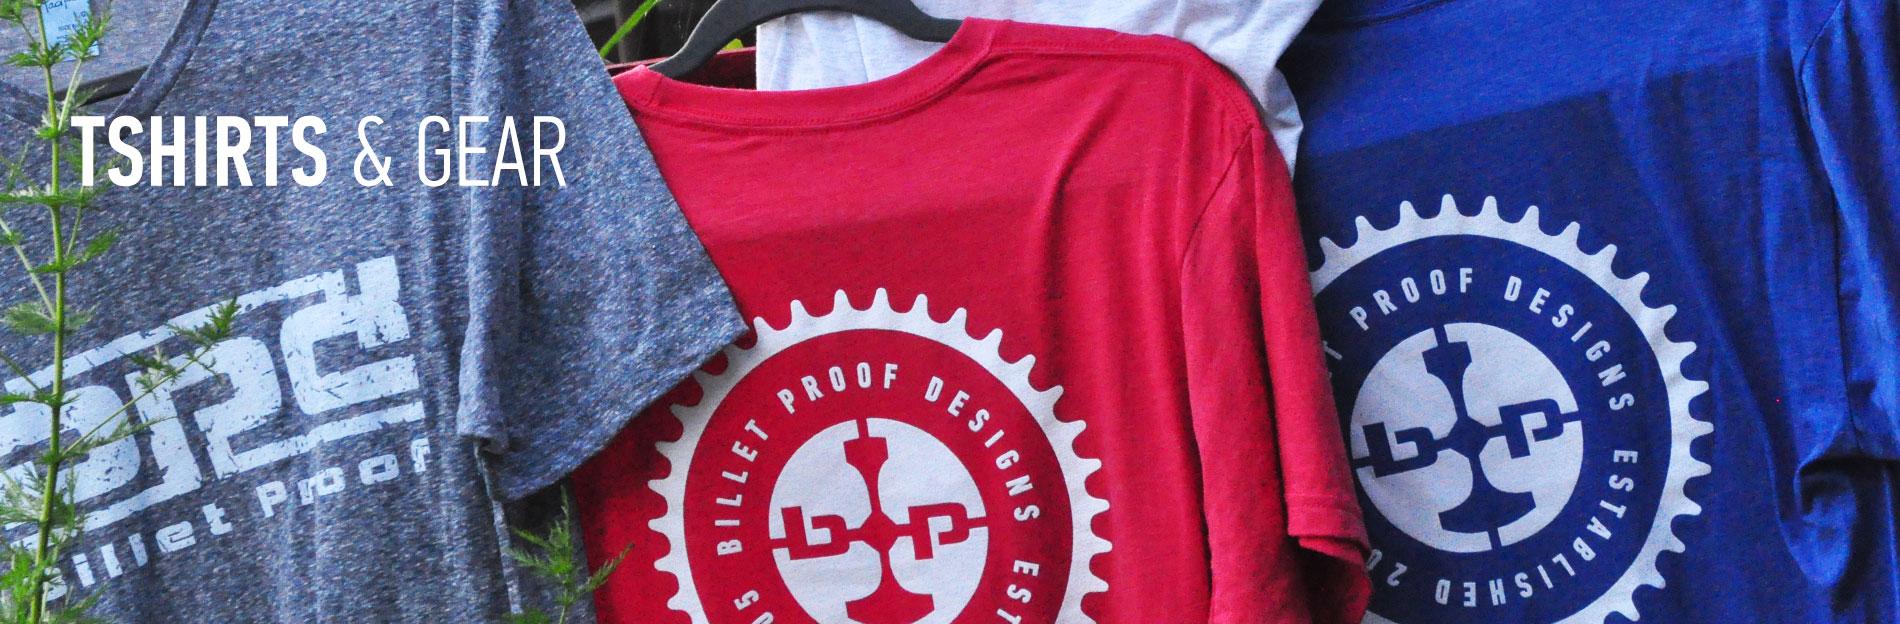 bpd-categories-tshirts-1.jpg